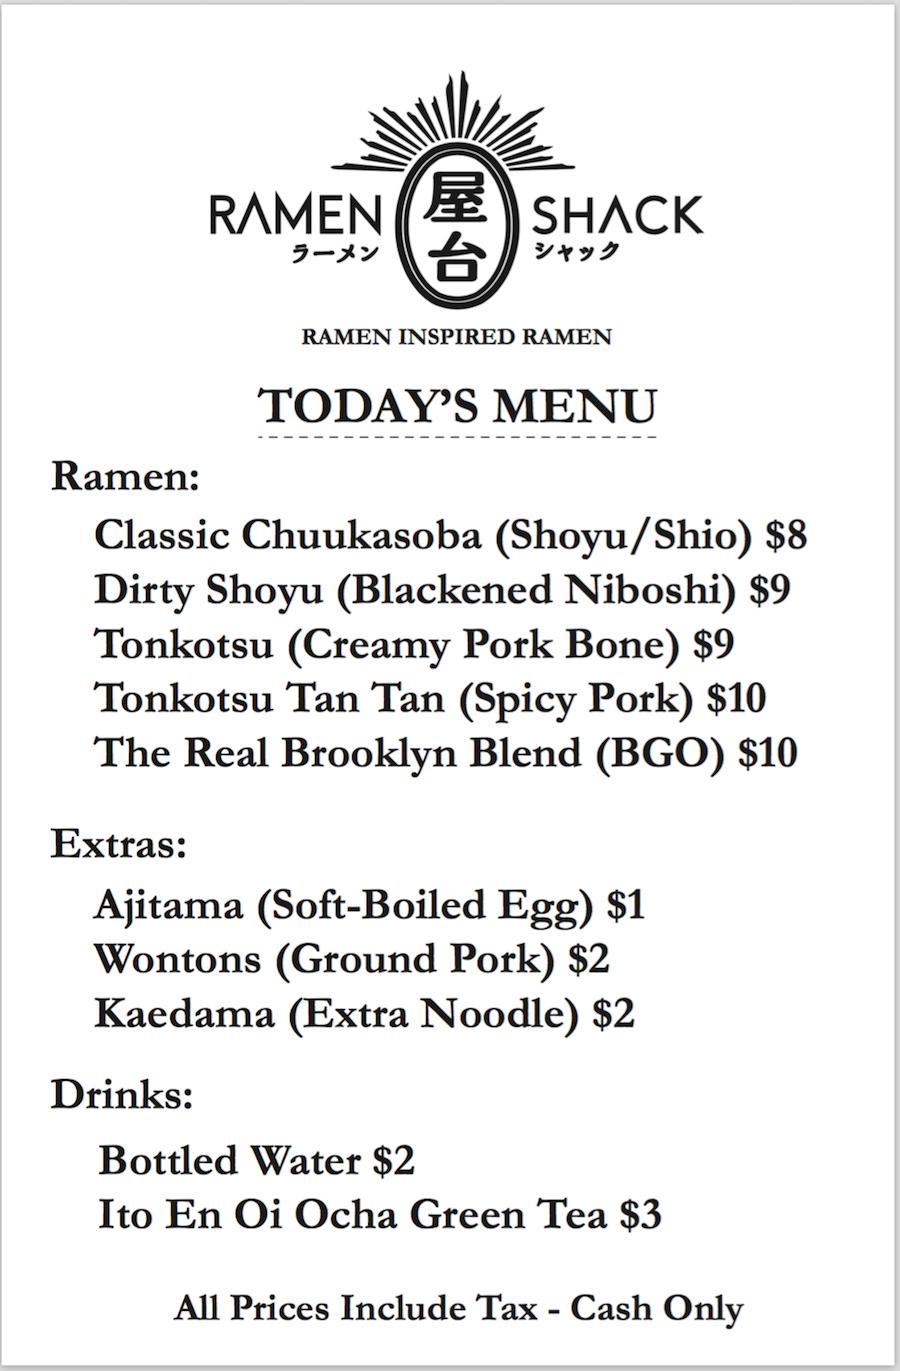 ramen shack menu